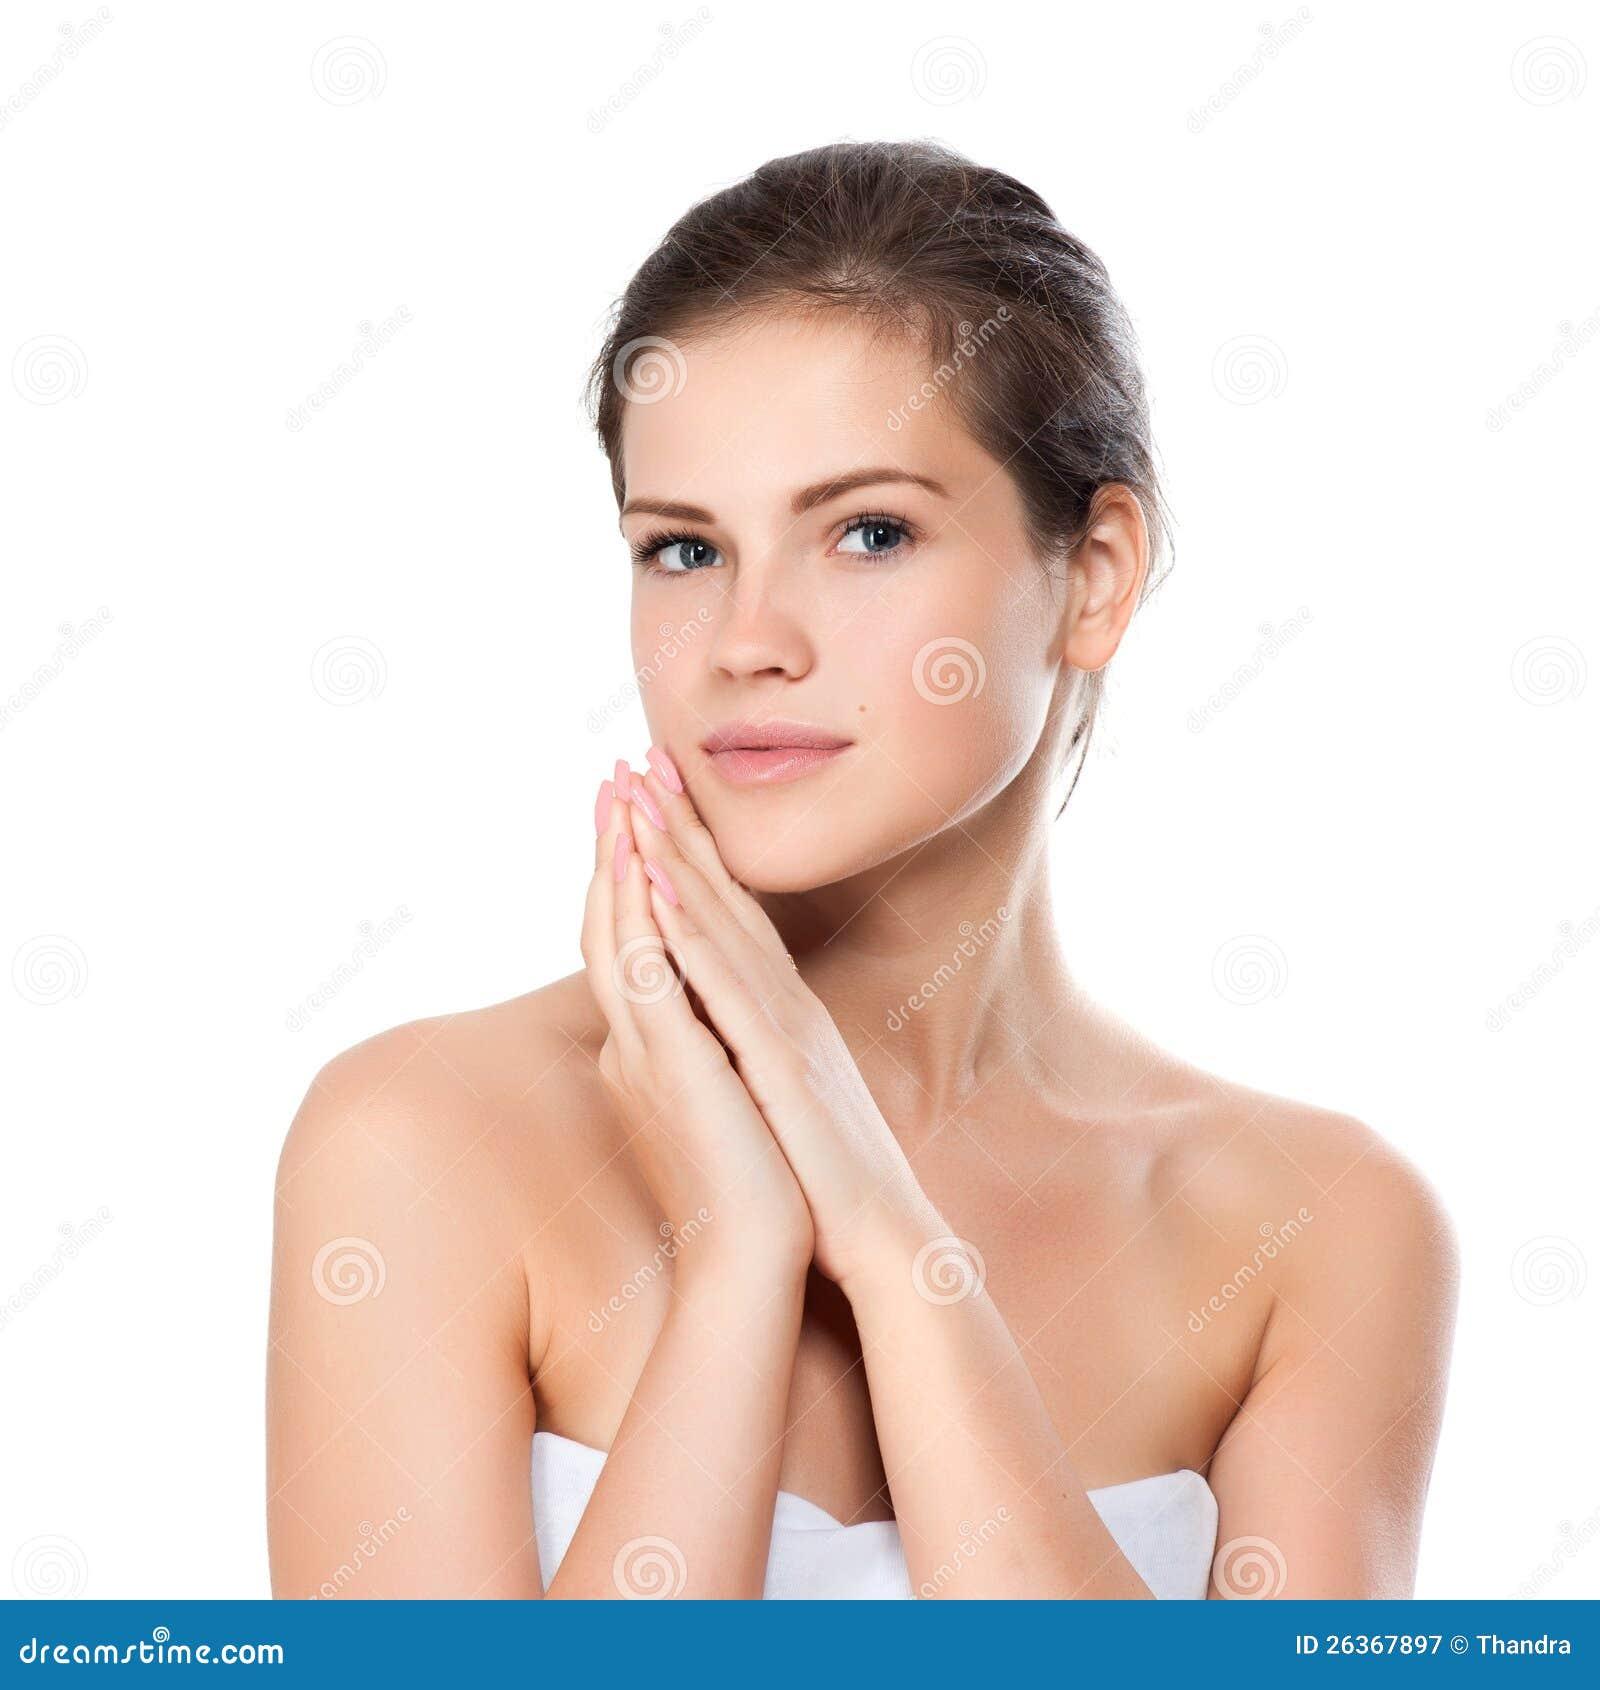 Junge schöne Frau mit gesunder Haut